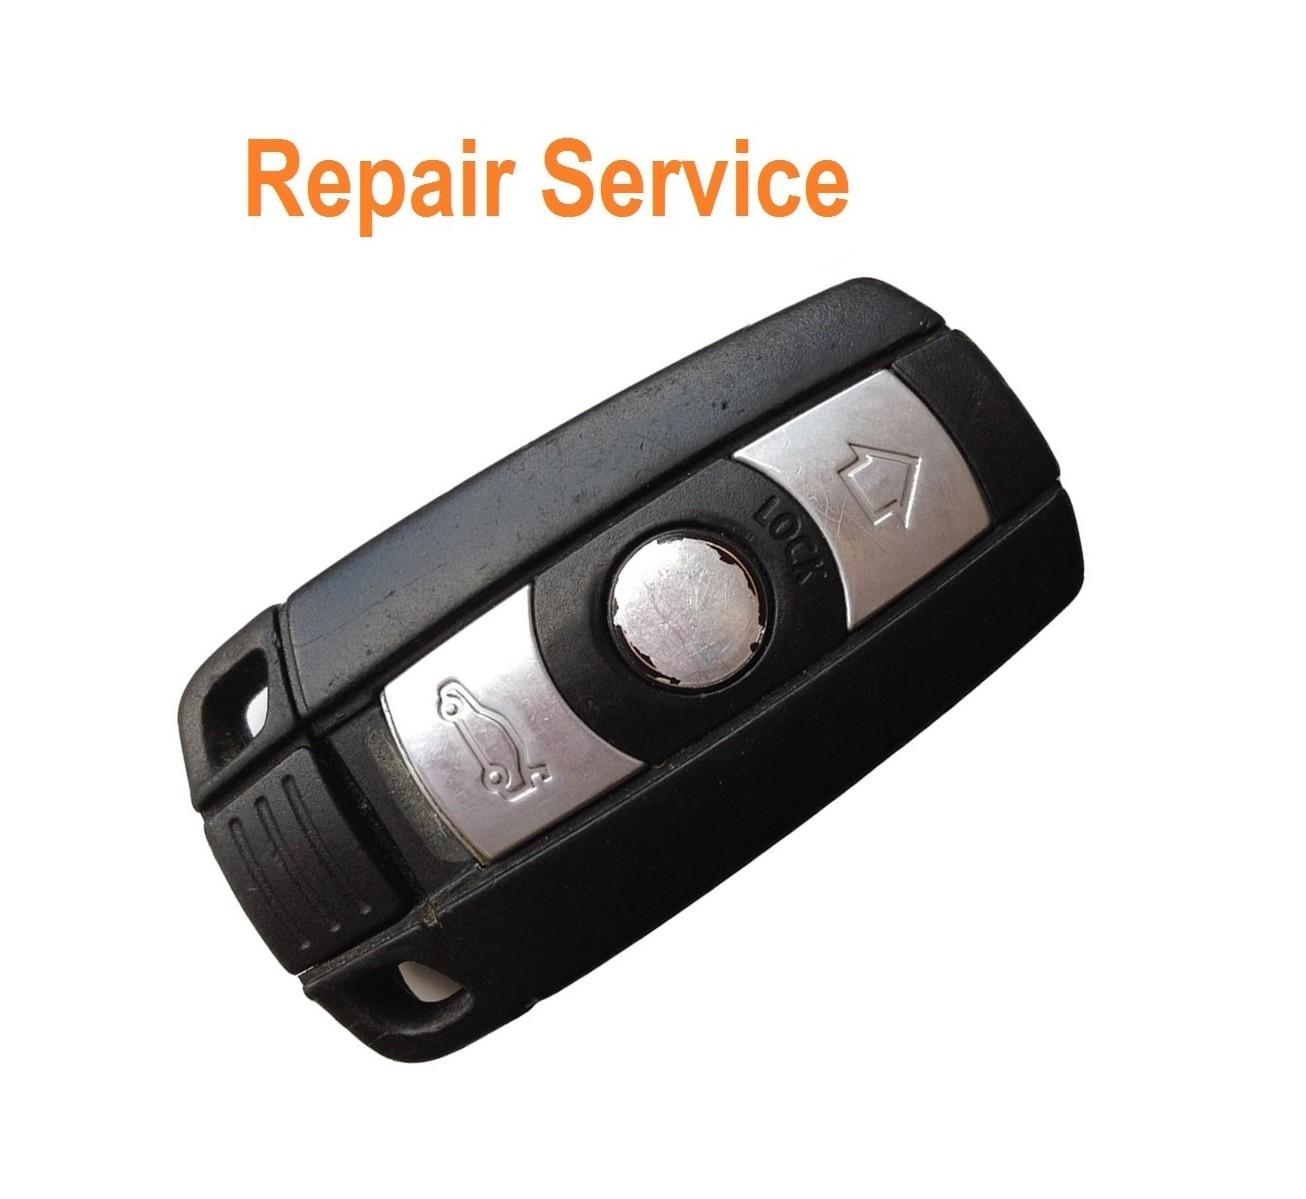 Repair Service for BMW 1 3 5 6 7 Series X3 X5 E90 E93 M3 M5 smart 3 button remote key